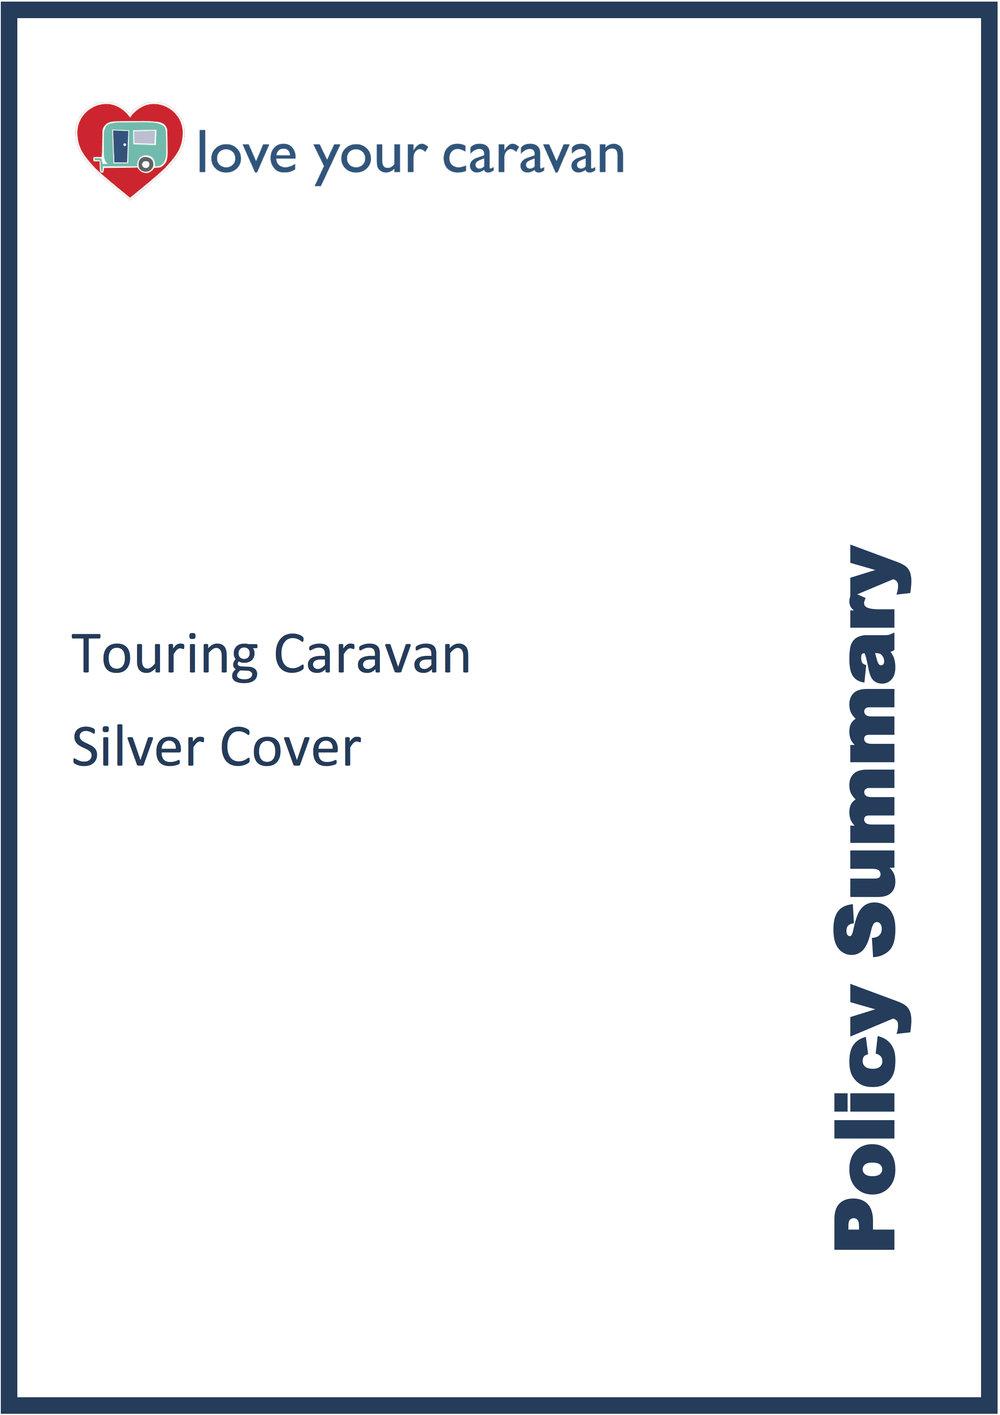 LYC (Silver) Policy Summary v1 0 May 17.jpg